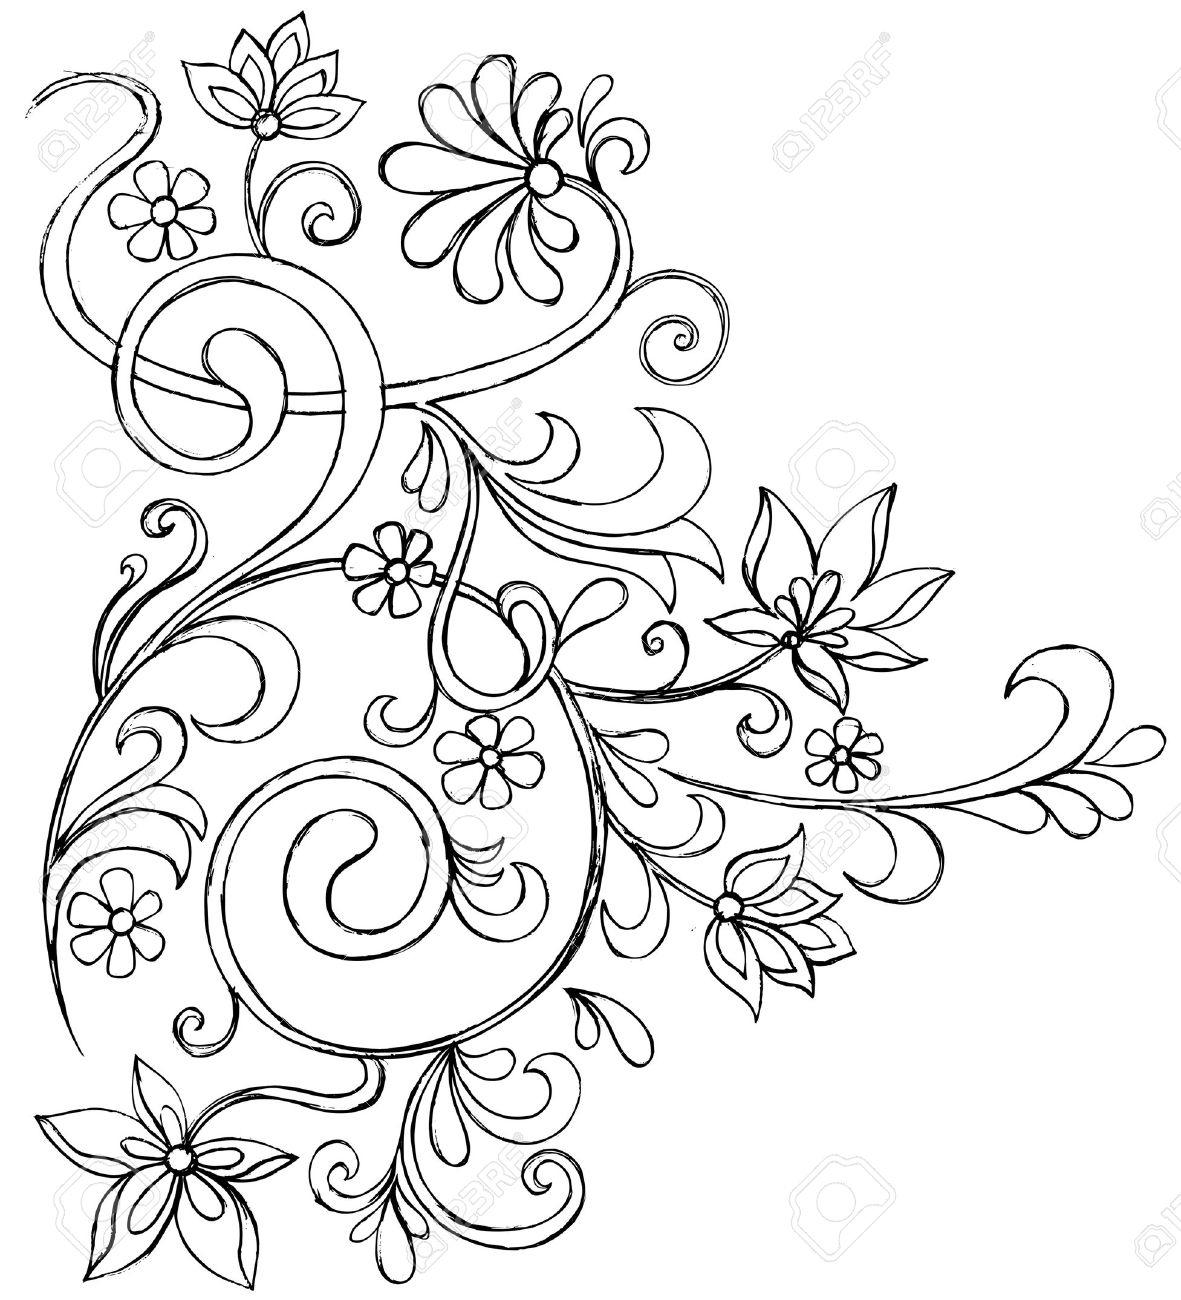 1181x1300 Flower Vine Drawings Drawn Vine Doodle